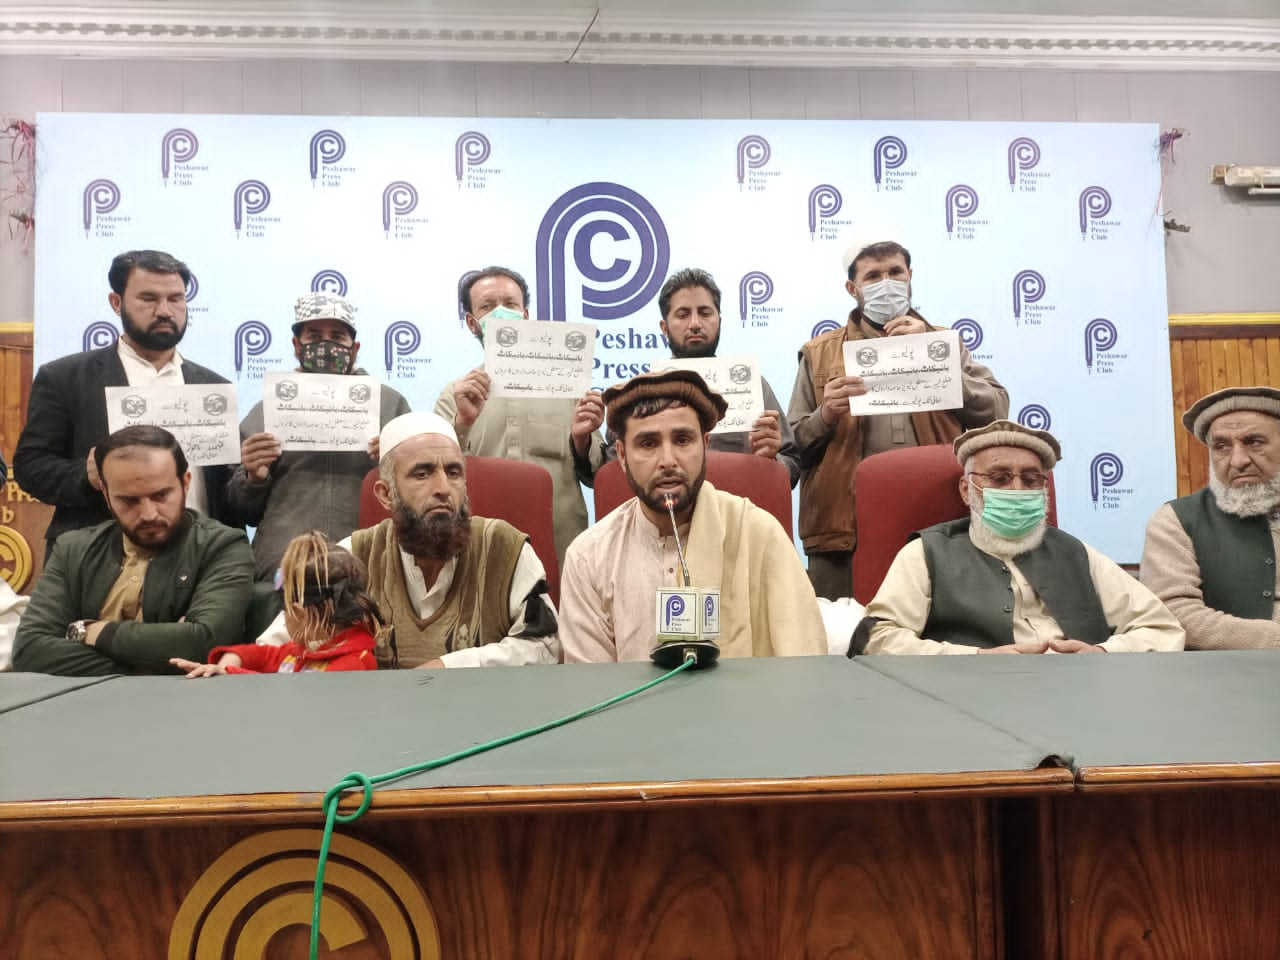 خیبر باڑہ قبائلی اضلاع کے معطل لیویز اور خاصہ داروں نے انسدادِ پولیو مہم سے مکمل بائیکاٹ کا اعلان کردیا